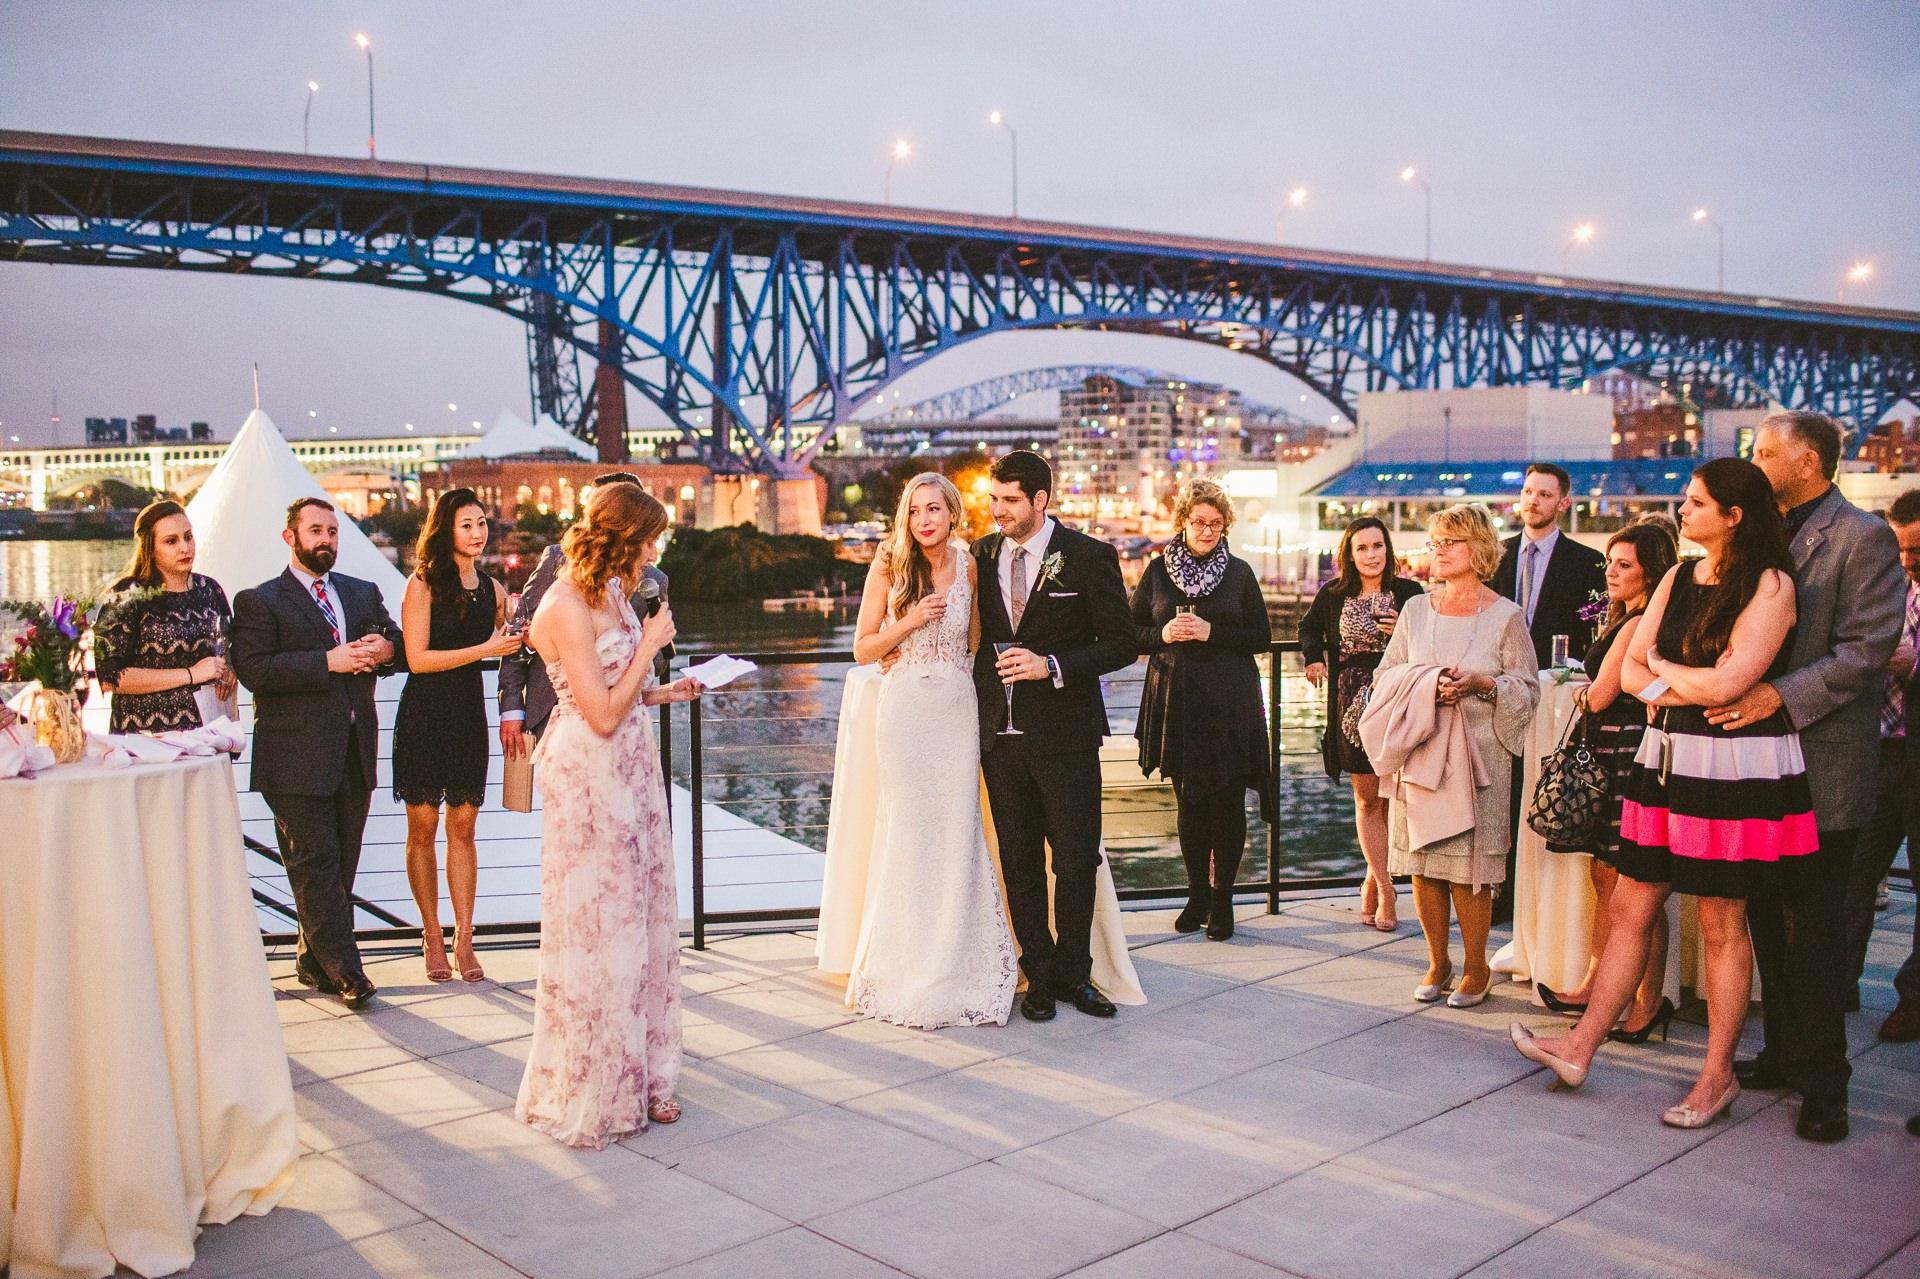 Aloft Hotel Alley Cat Oyster Bar Wedding in Cleveland 70.jpg